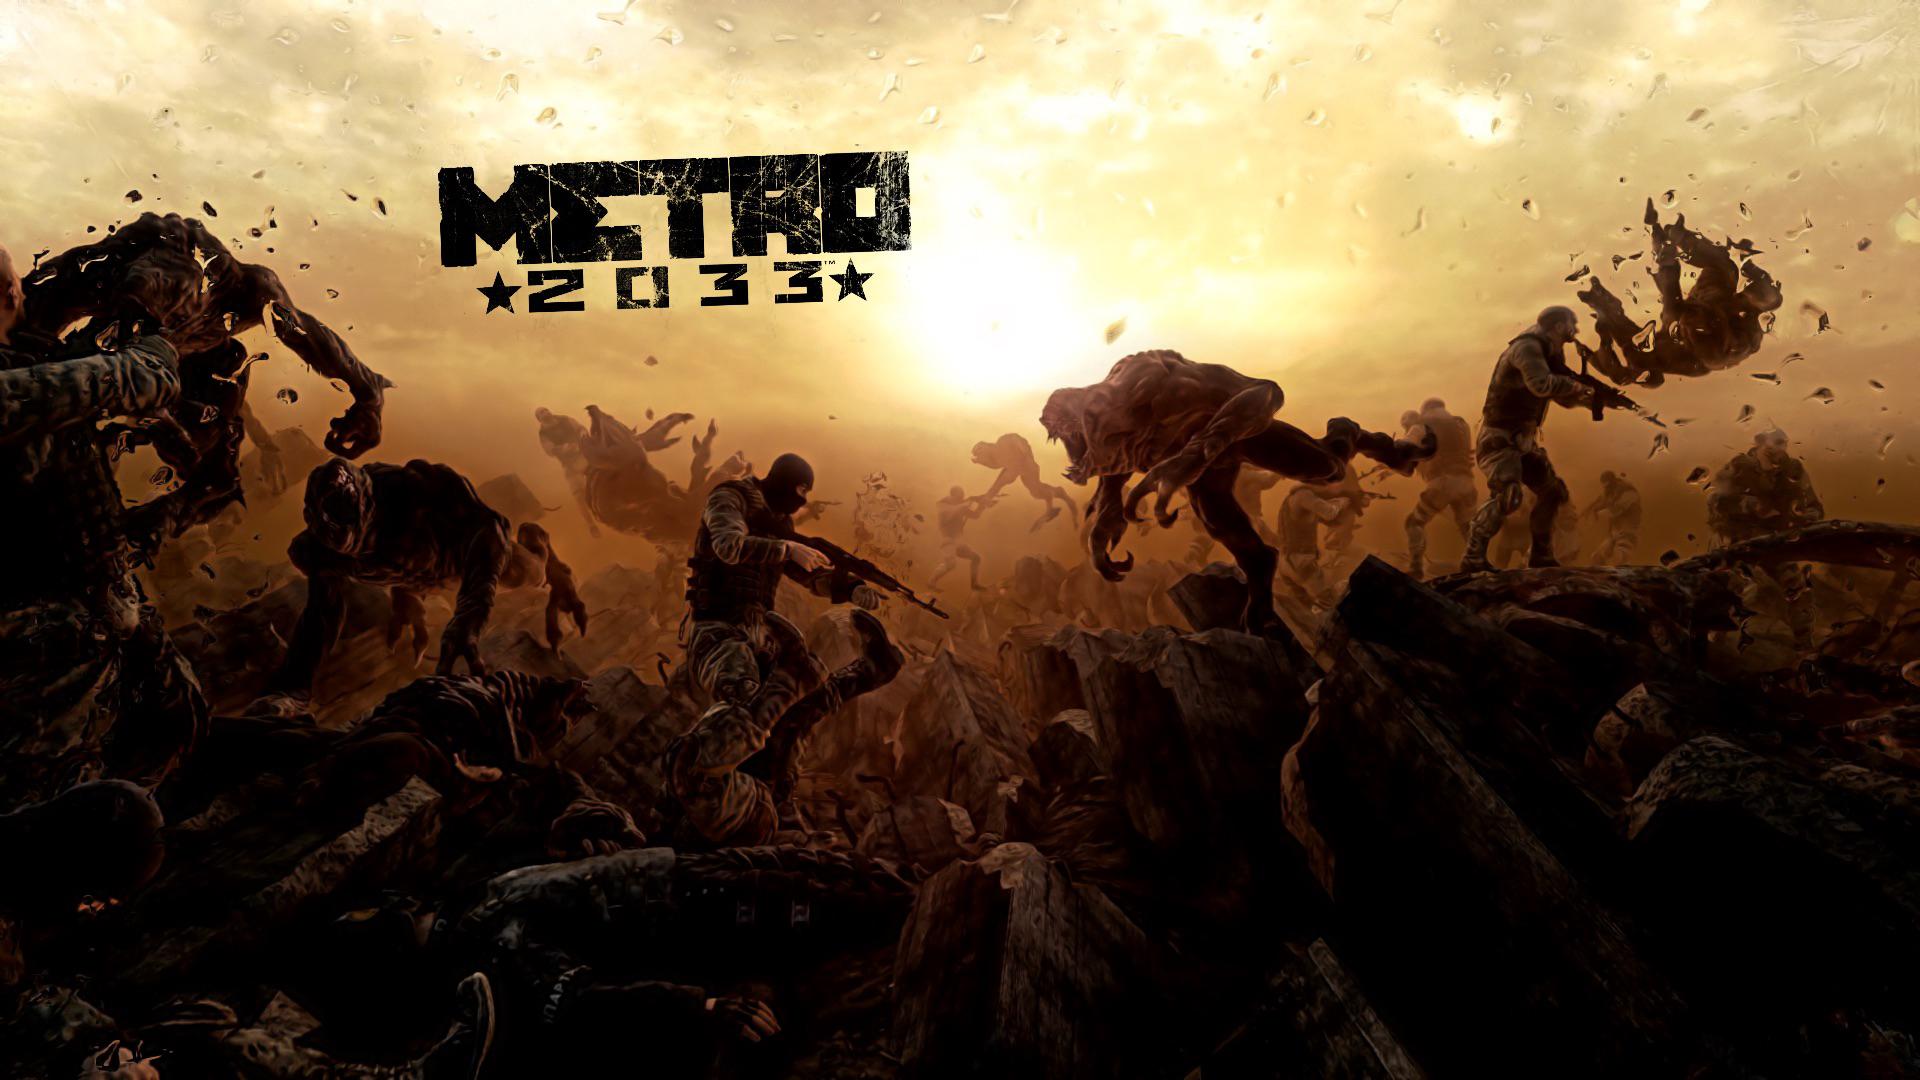 Metro 2033 Wallpaper Hd Metro 2033 Redux Computer Wallpapers Desktop Backgrounds